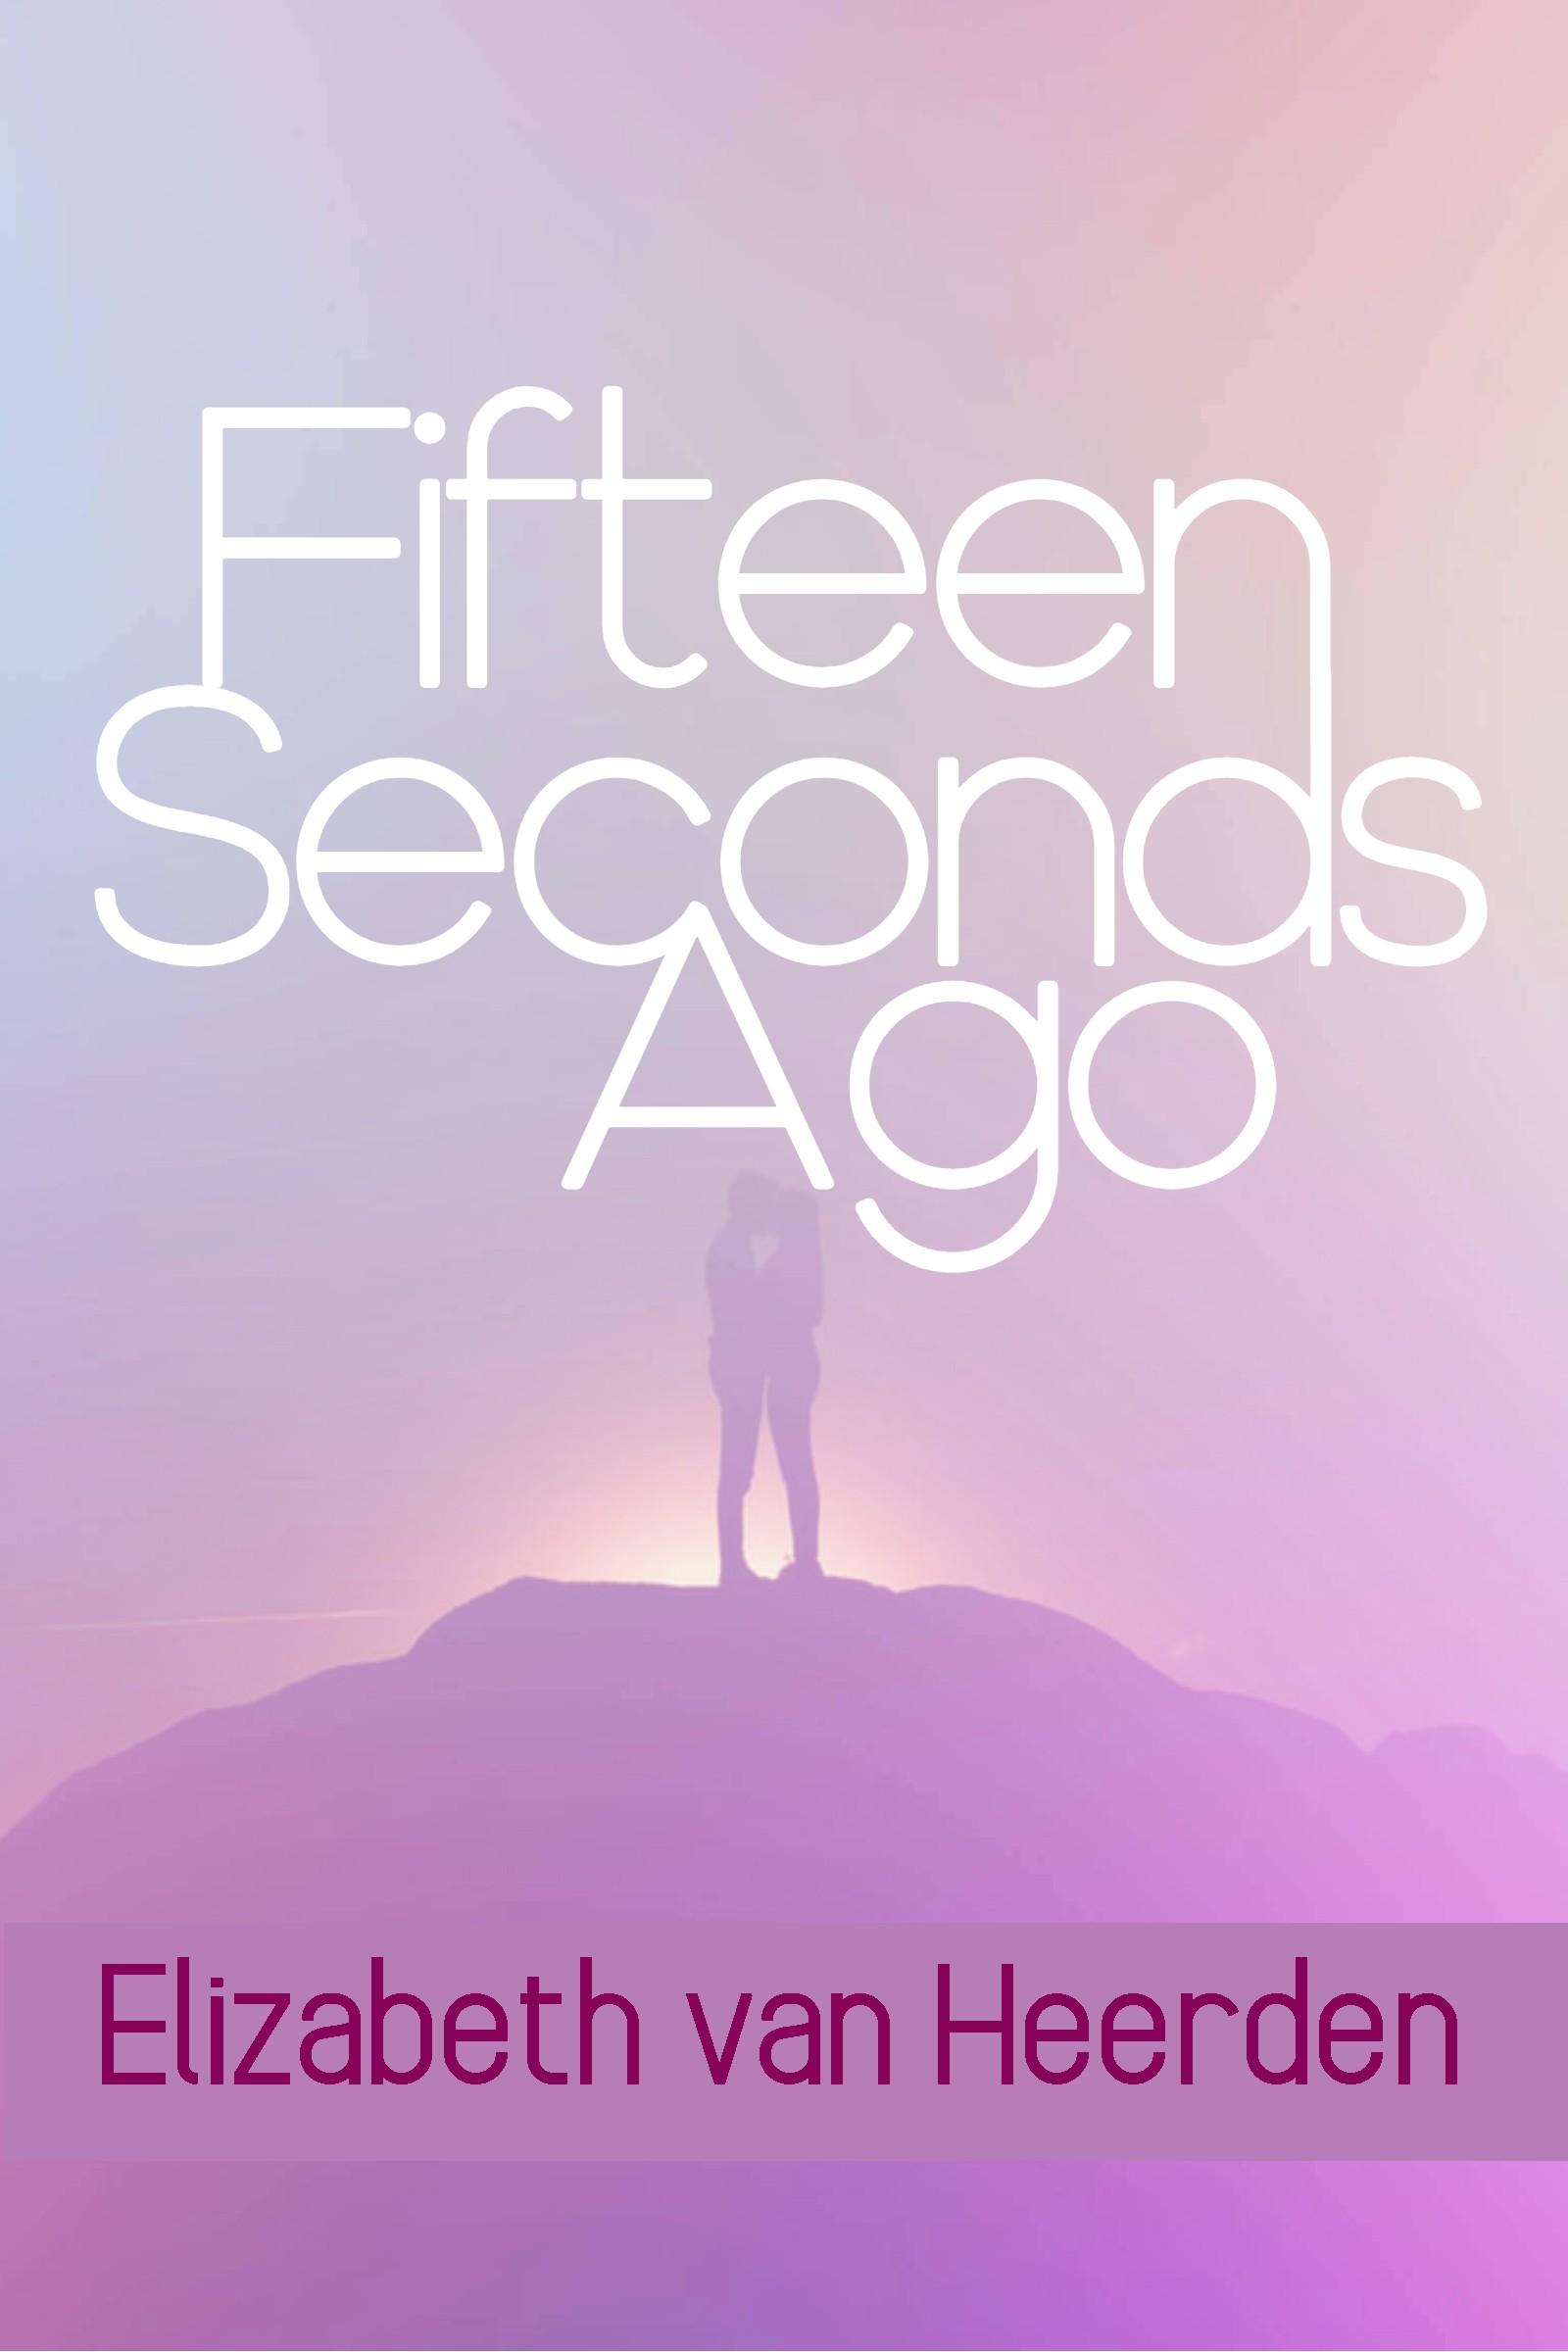 Fifteen Seconds Ago